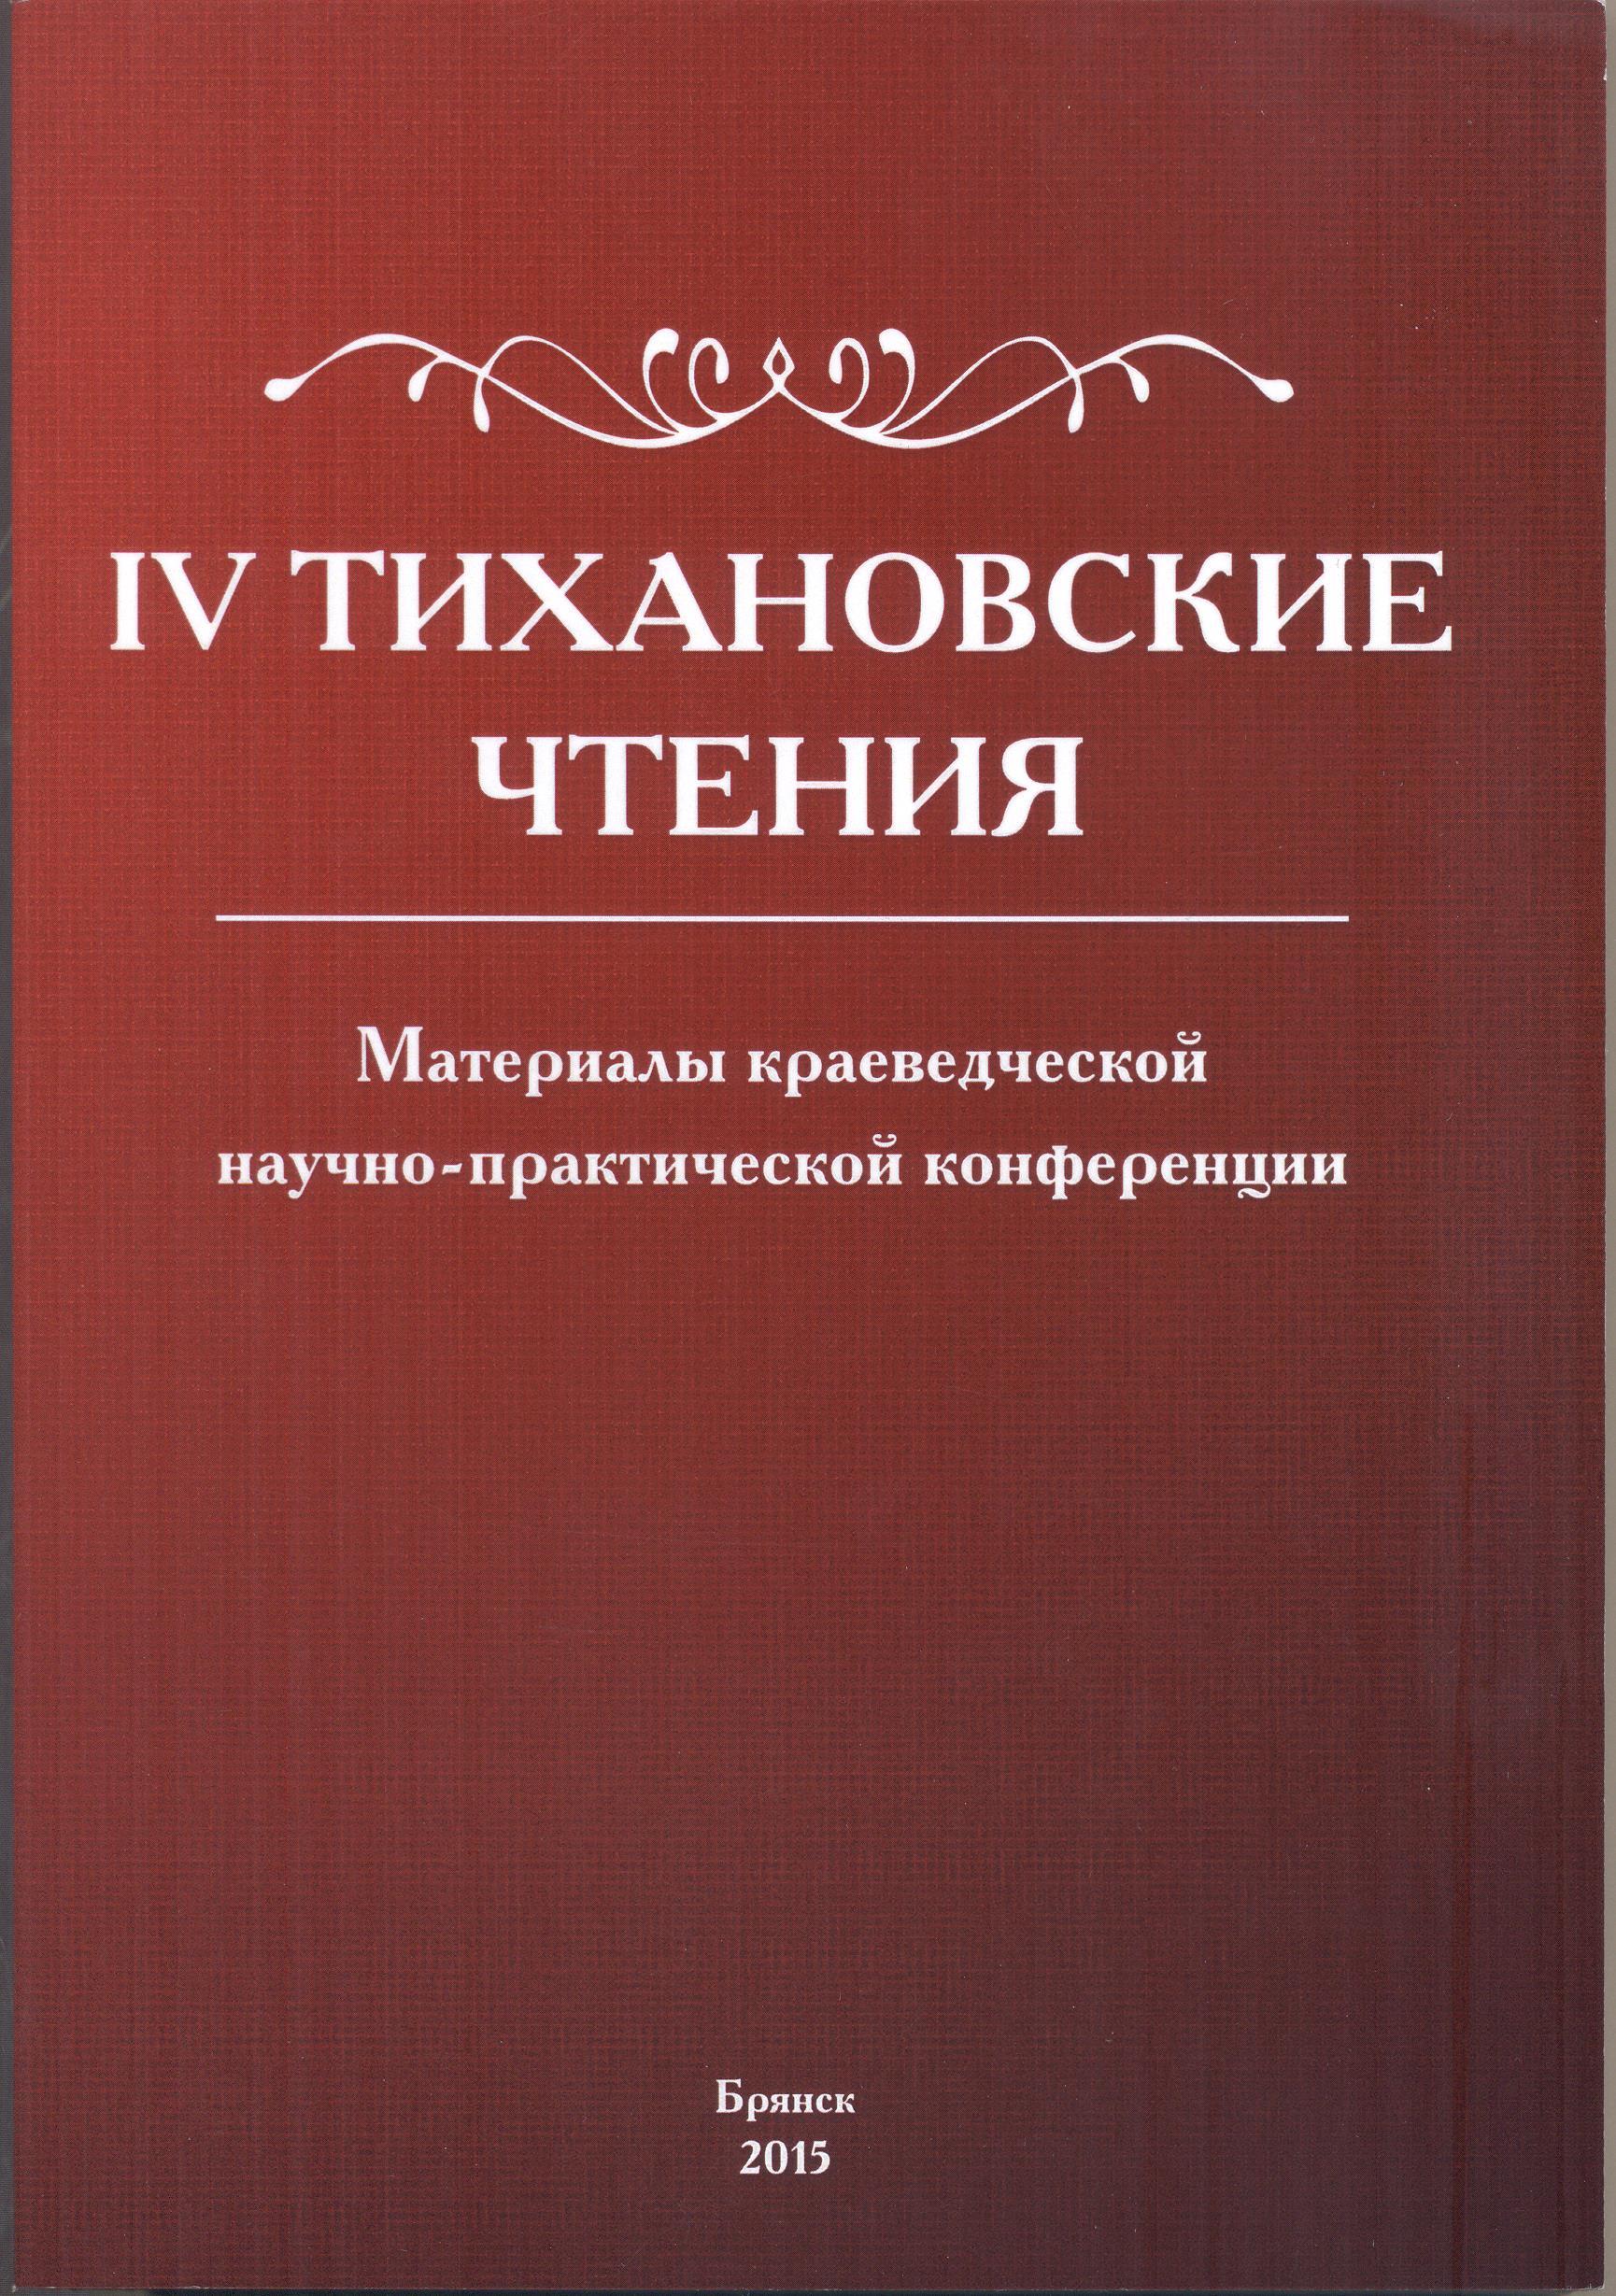 Тихановские